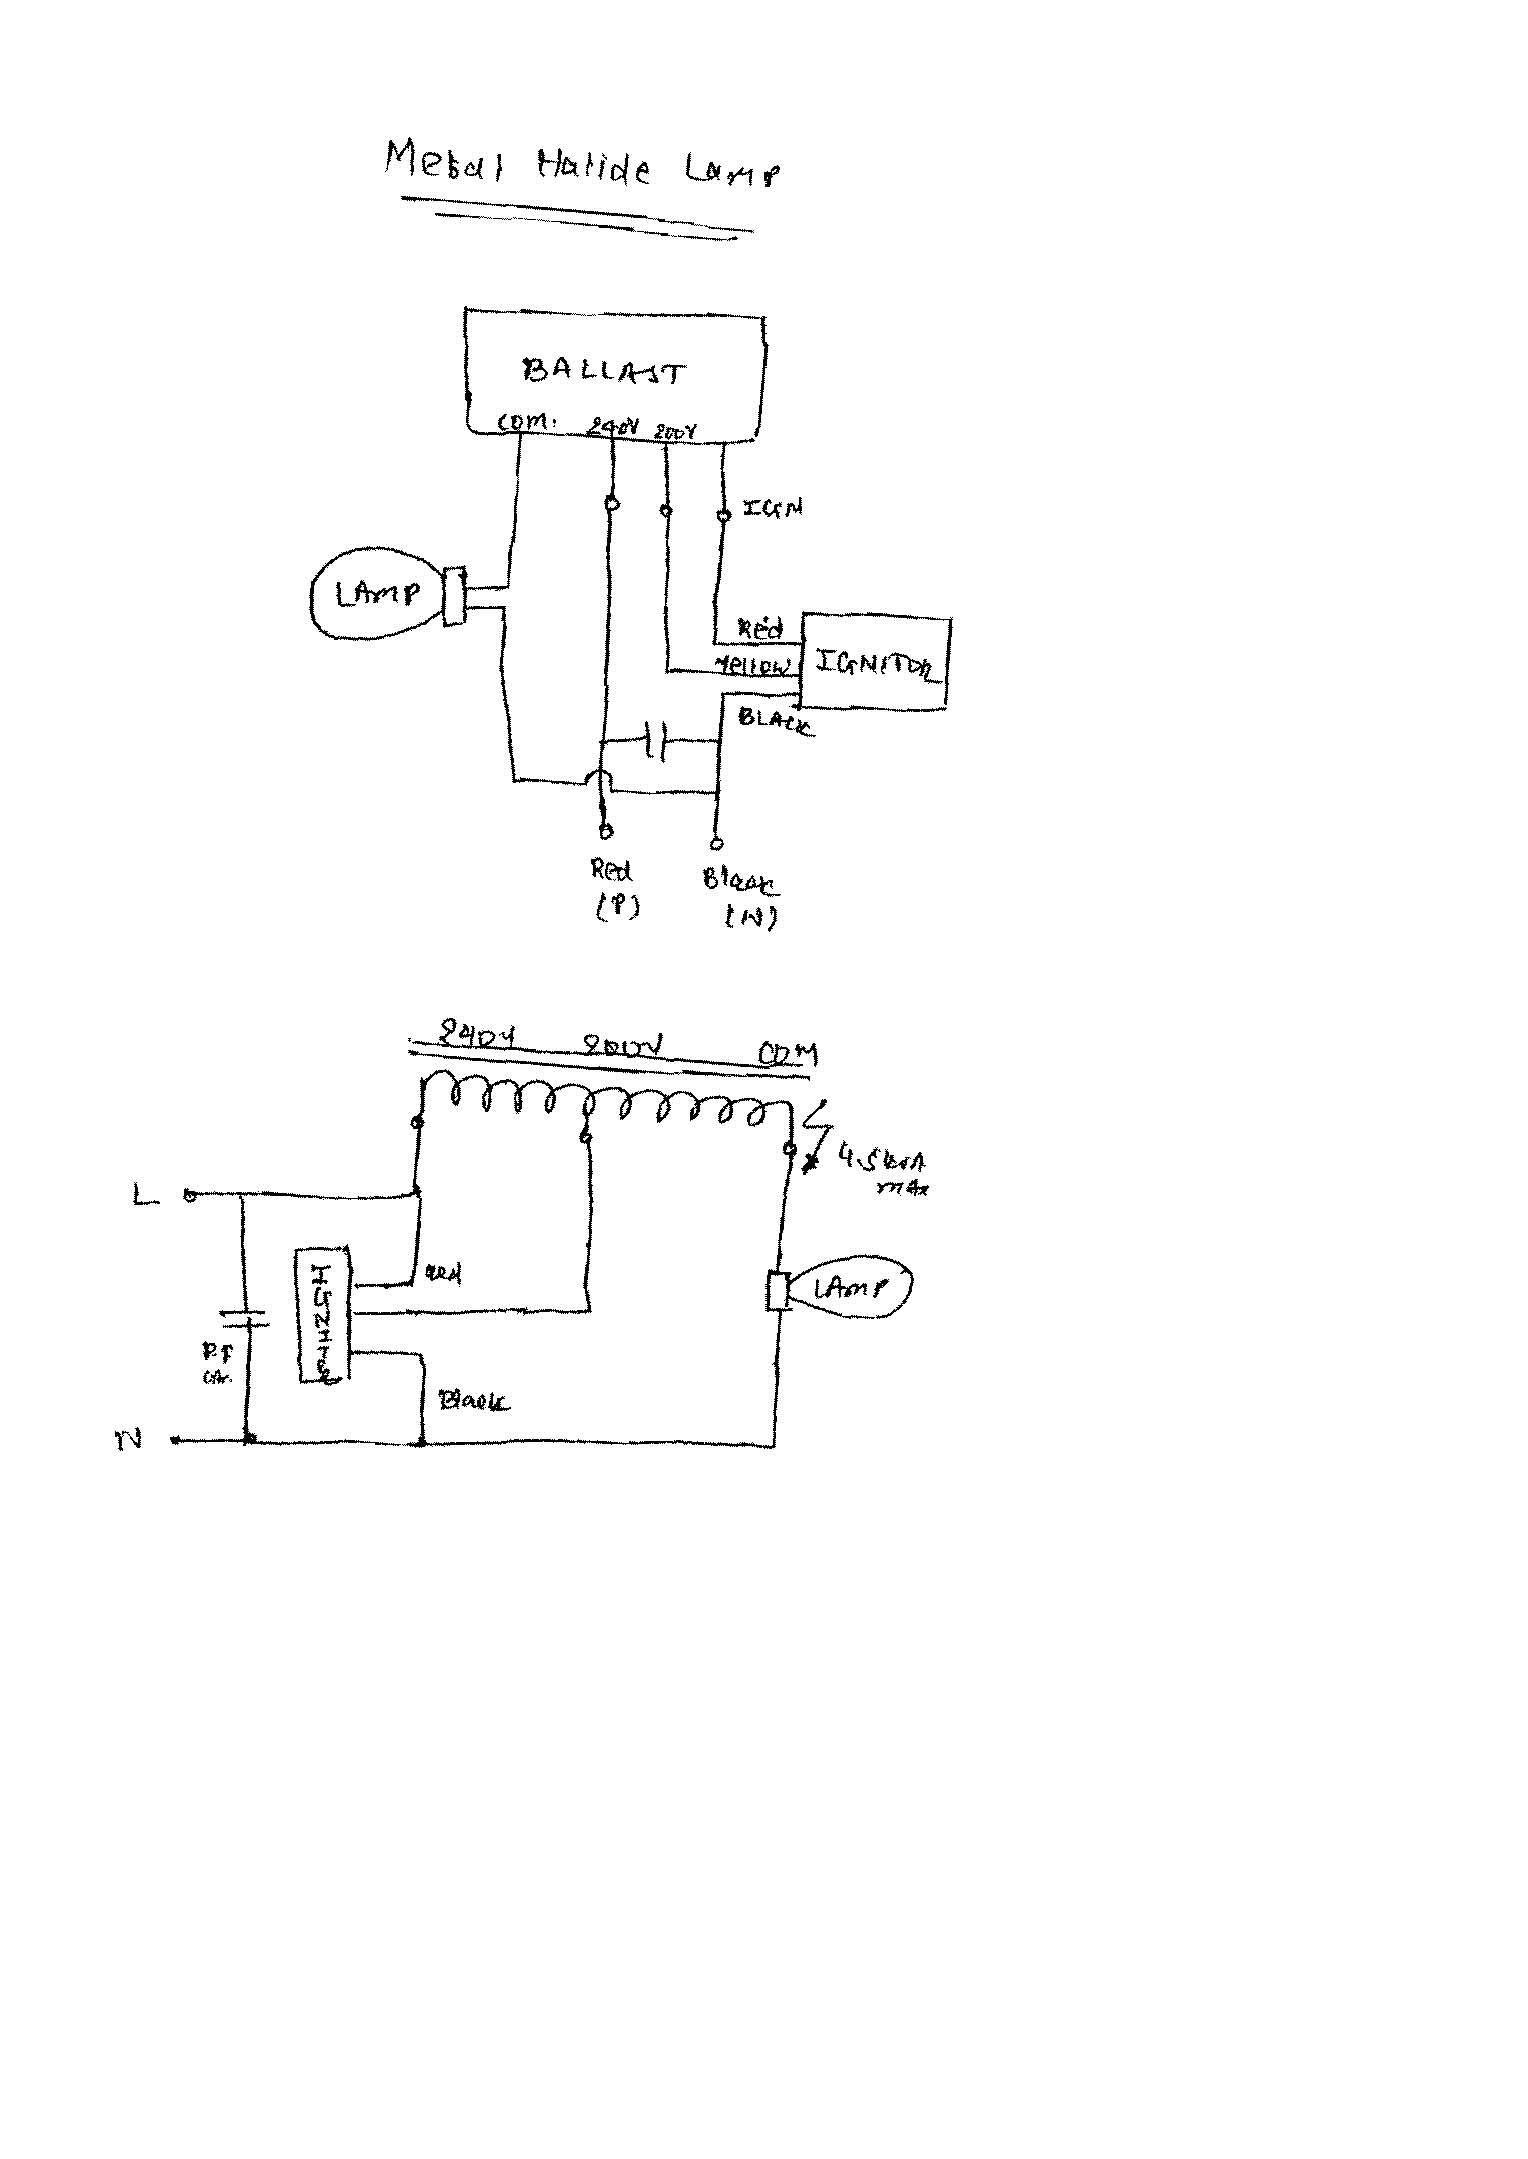 55 Fresh Fluorescent Light Wiring Diagram For Ballast Fluorescent Light Ballast Fluorescent